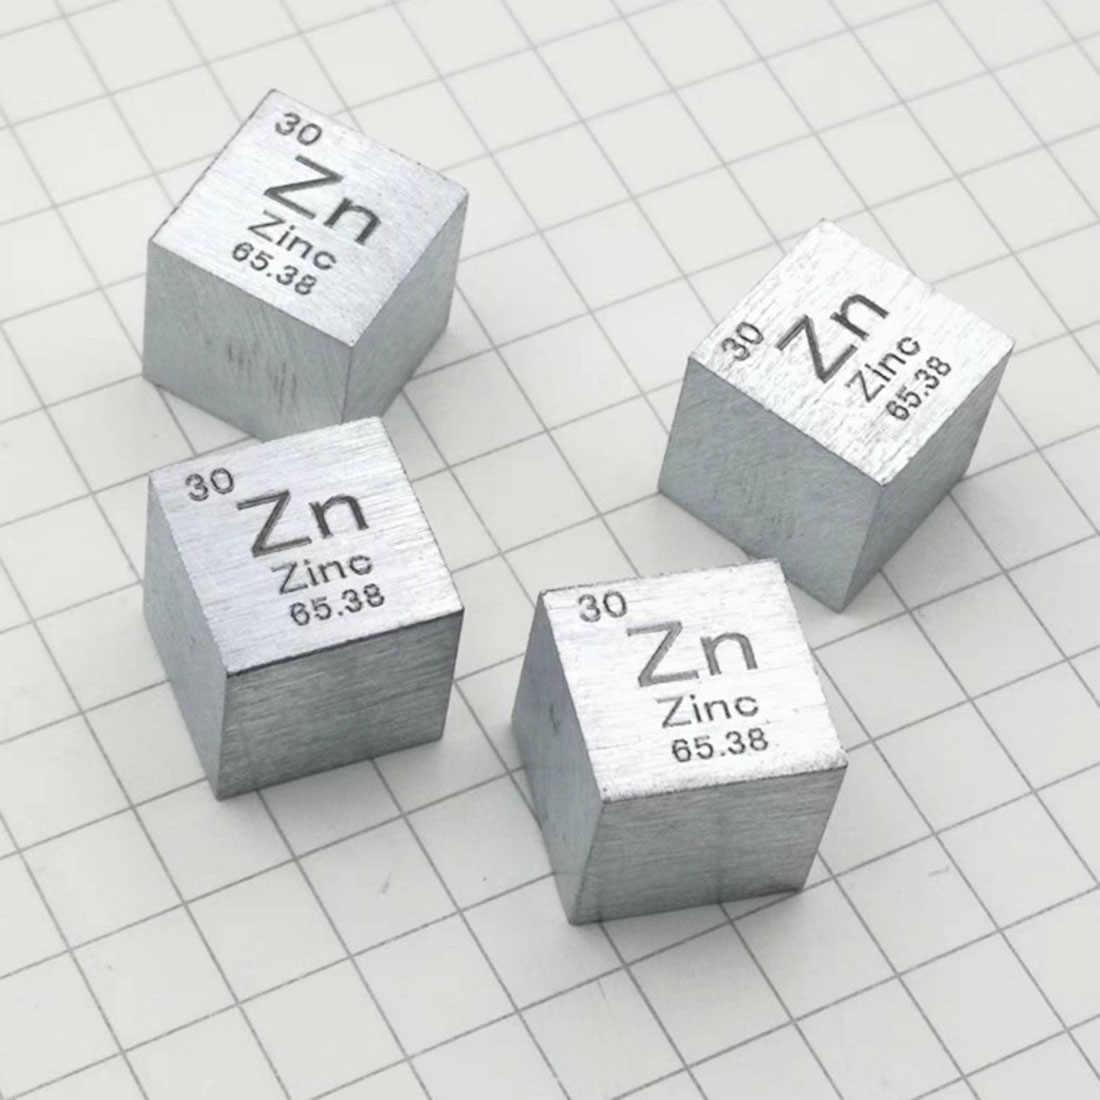 10X10X10mm con alambre trefilado Cubo de Zinc de alta pureza tabla periódica de elementos cubo (Zn≥ 99.9%) para investigación Estudio educación escolar